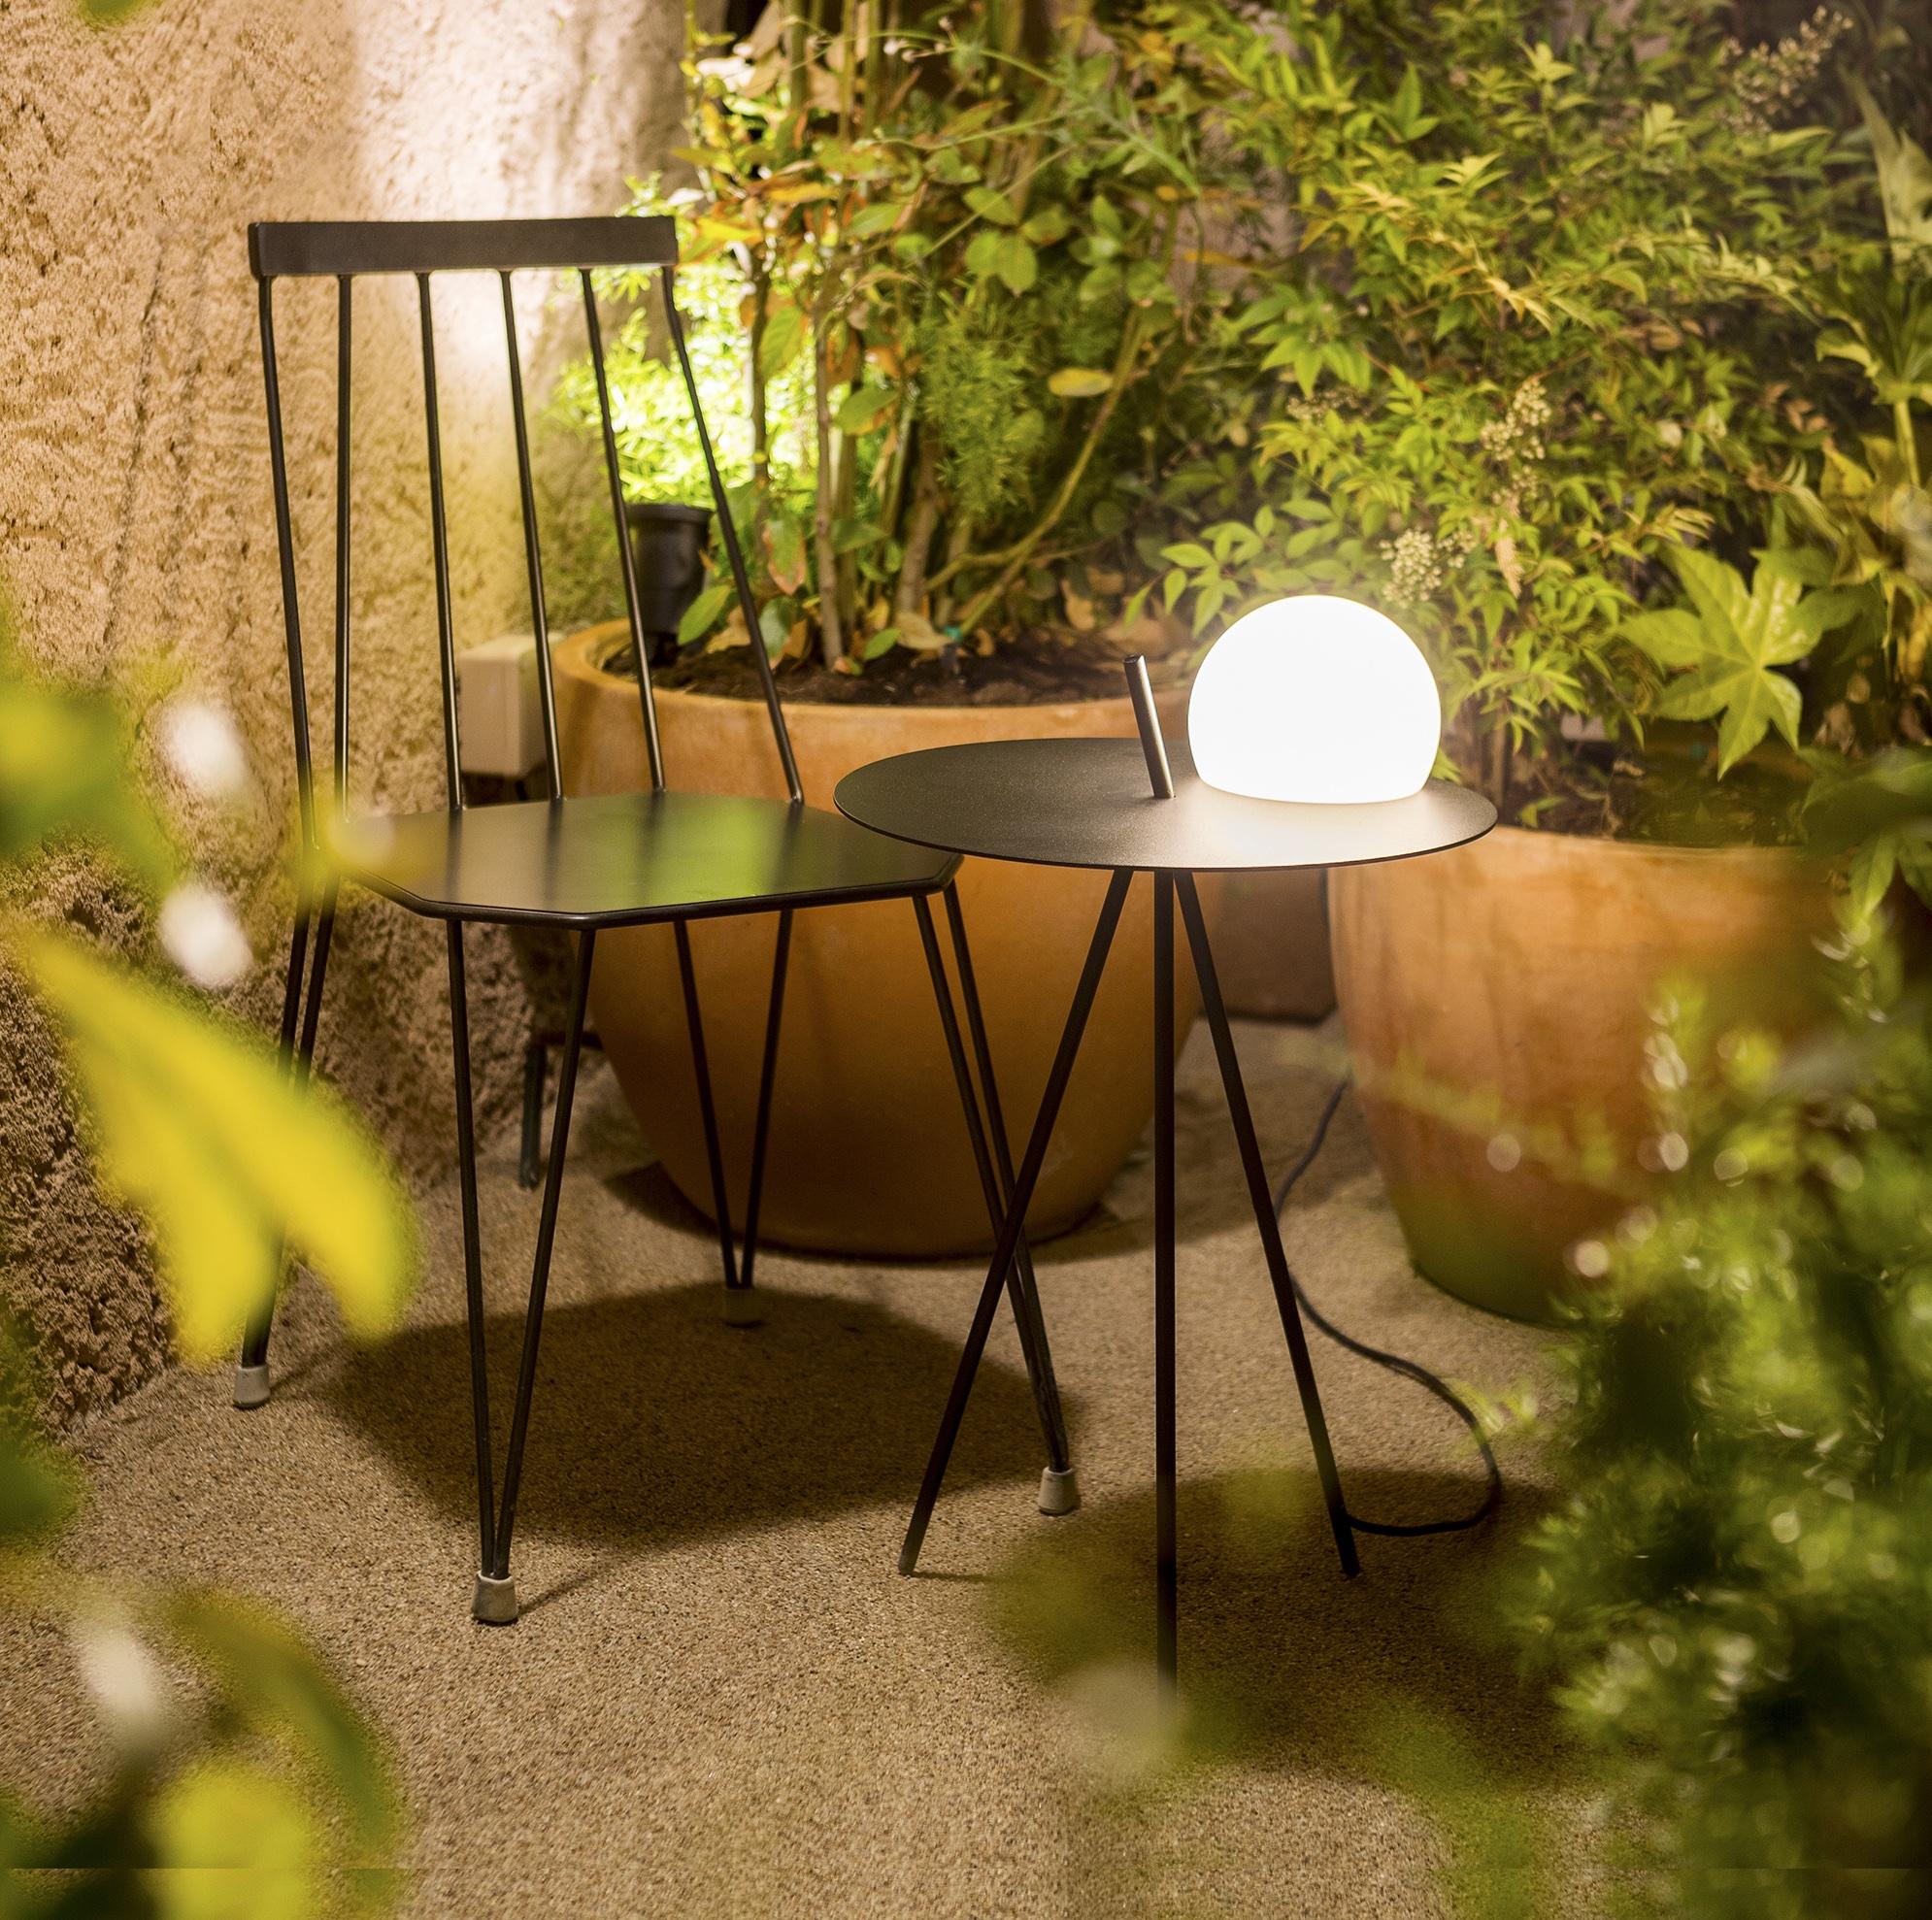 Lampe-table basse pour extérieur - Finition noir mat - Circ Estiluz